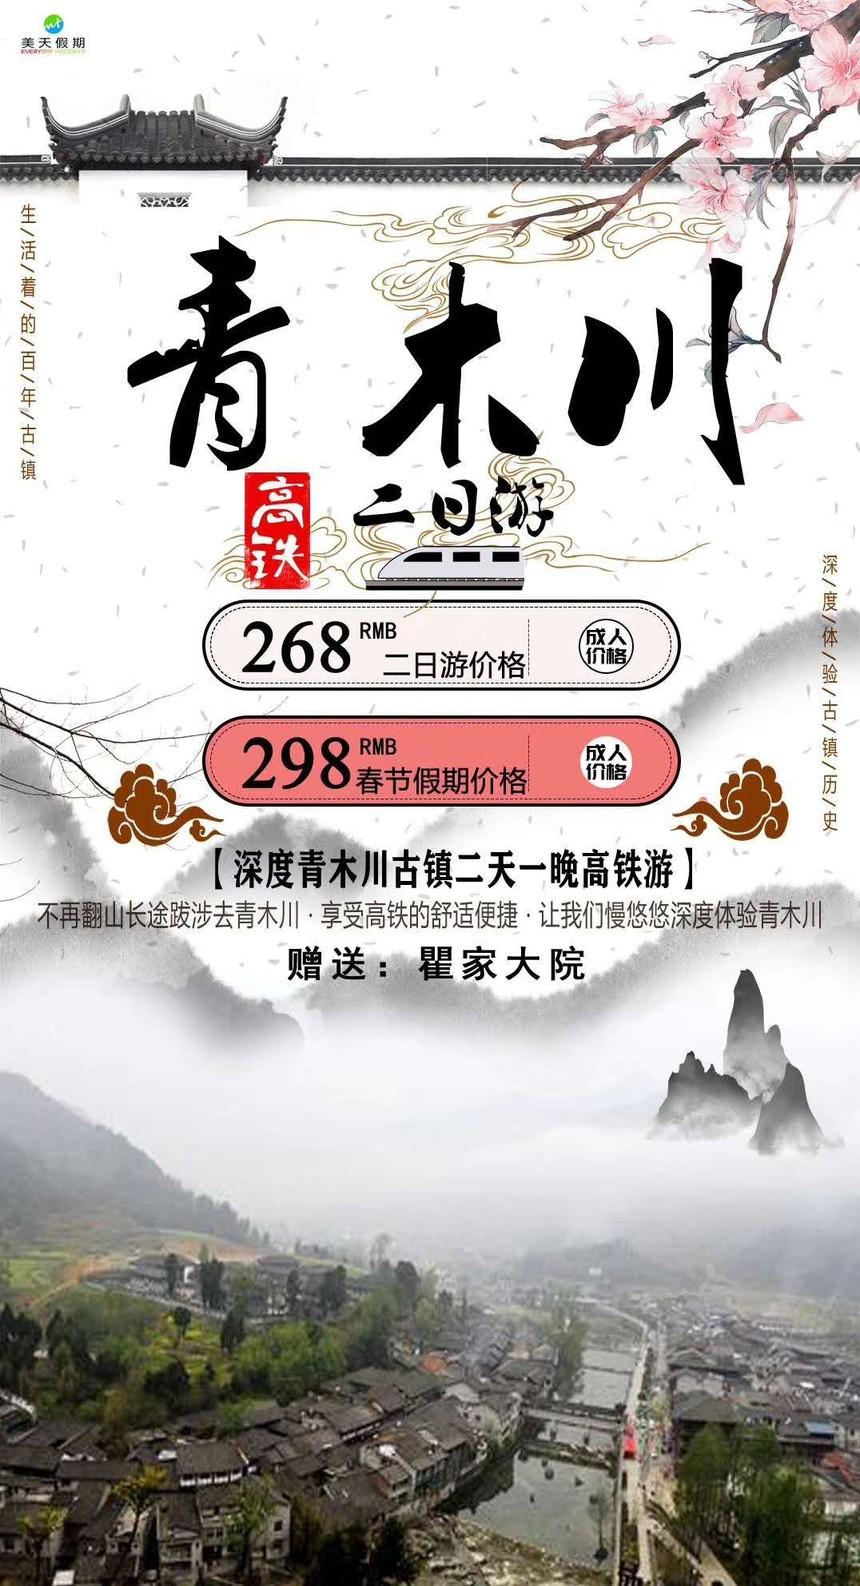 青木川高铁两日游.jpg